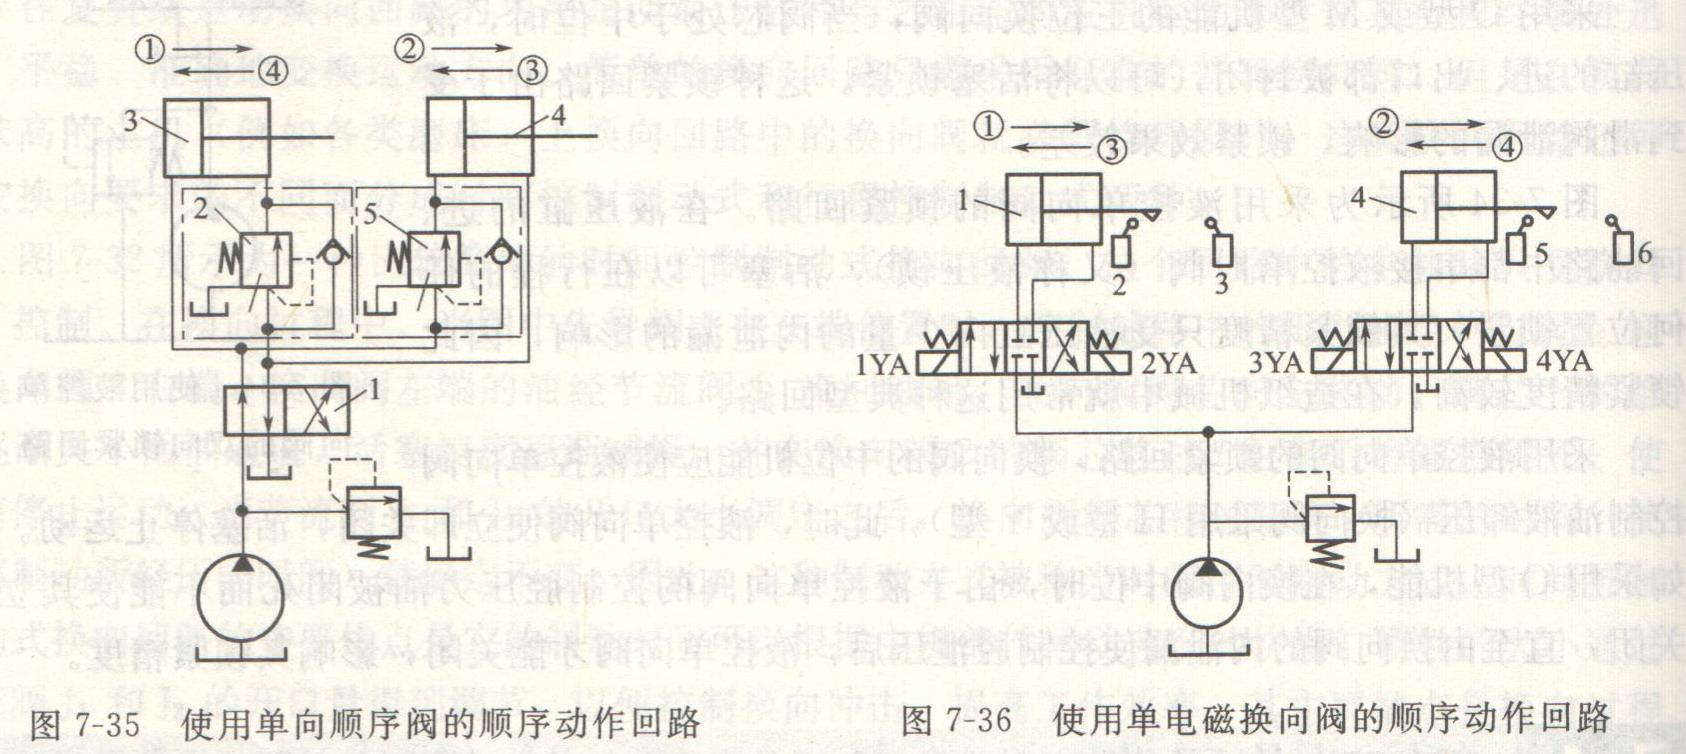 液压缸顺序动作回路-张波的文章【一览职业社区】图片